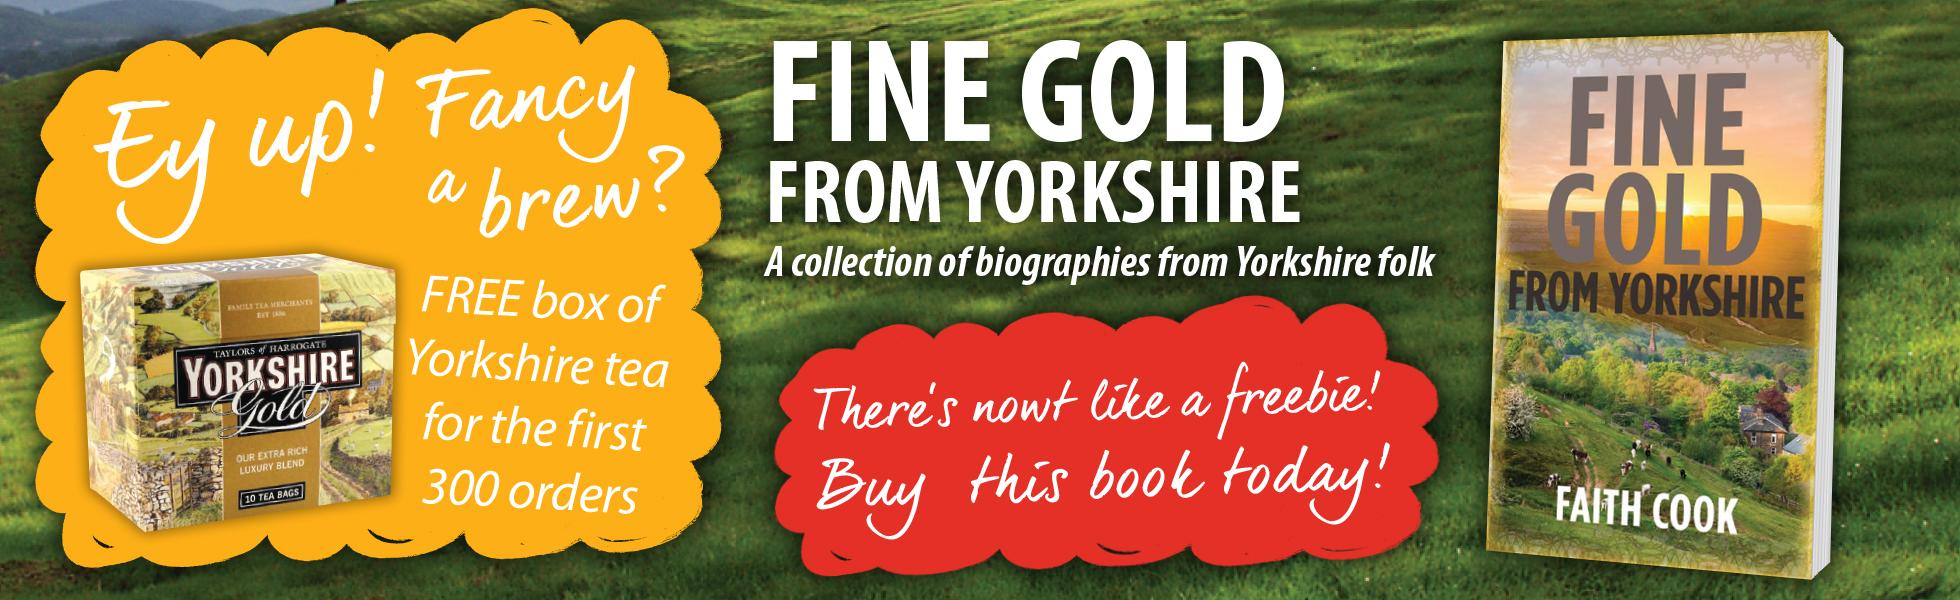 Fine Gold Tea Bag Offer